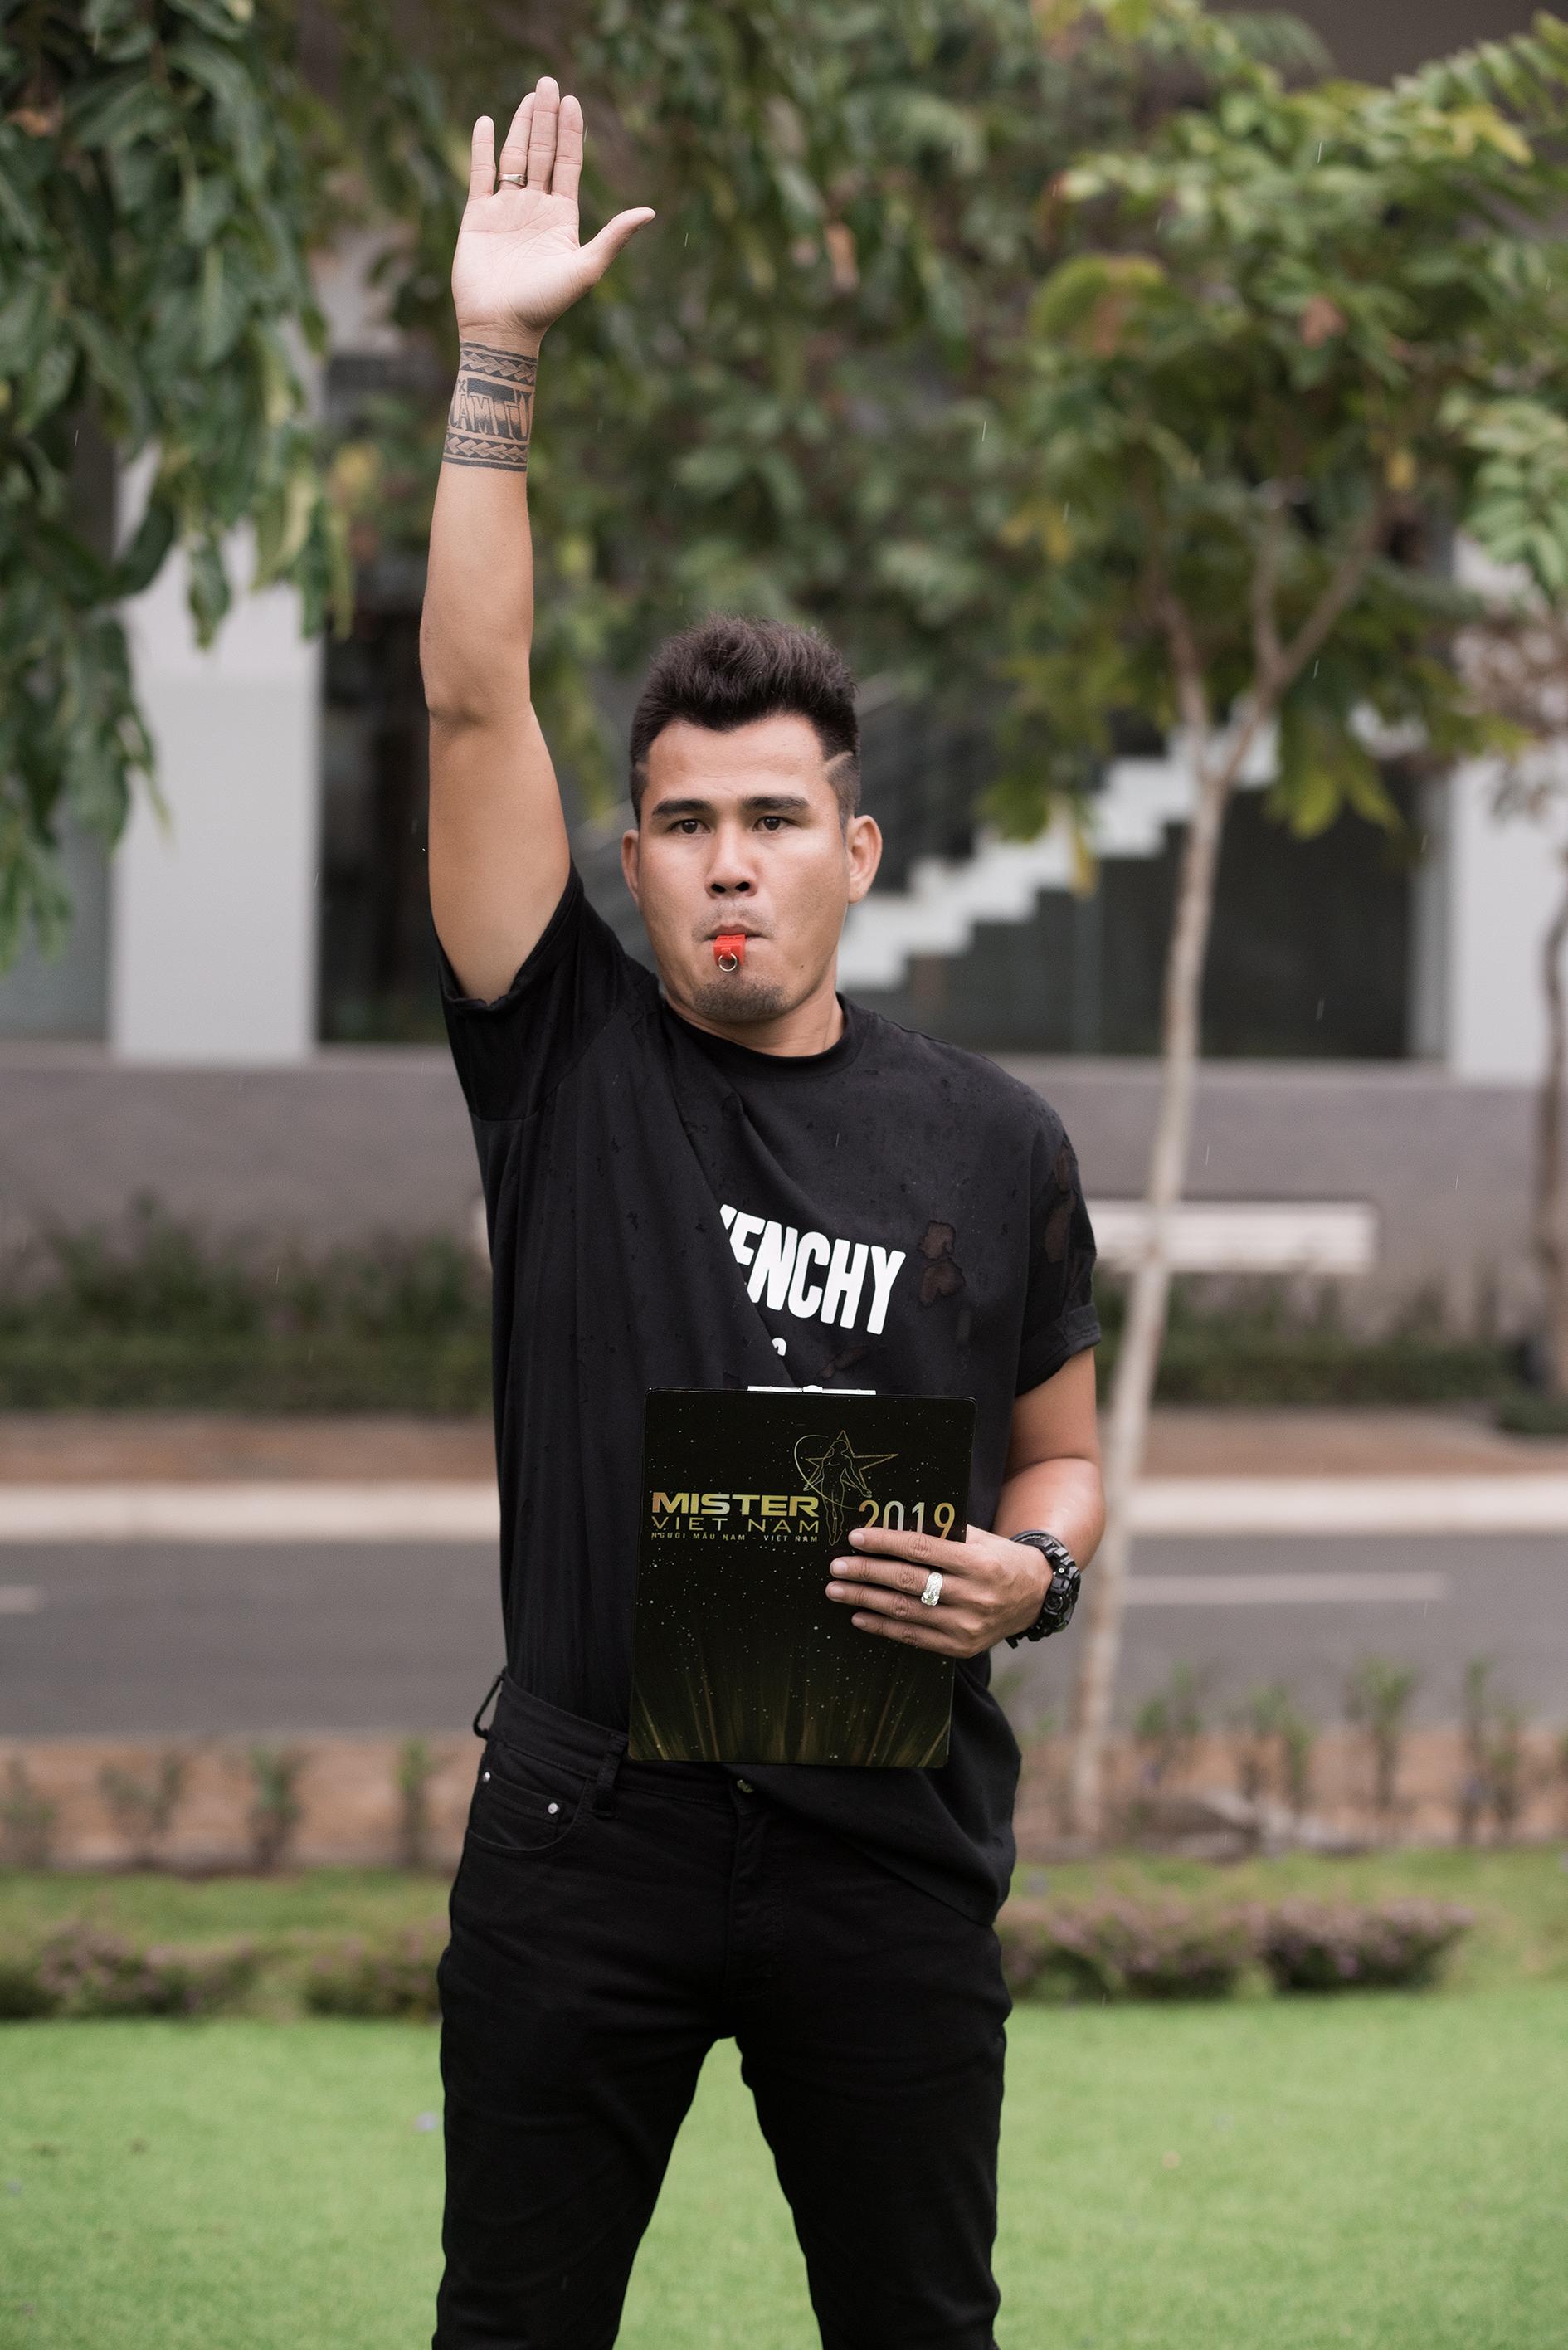 Cựu tuyển thủ Phan Thanh Bình làm giám khảo Mister Sport - Mister Việt Nam 1